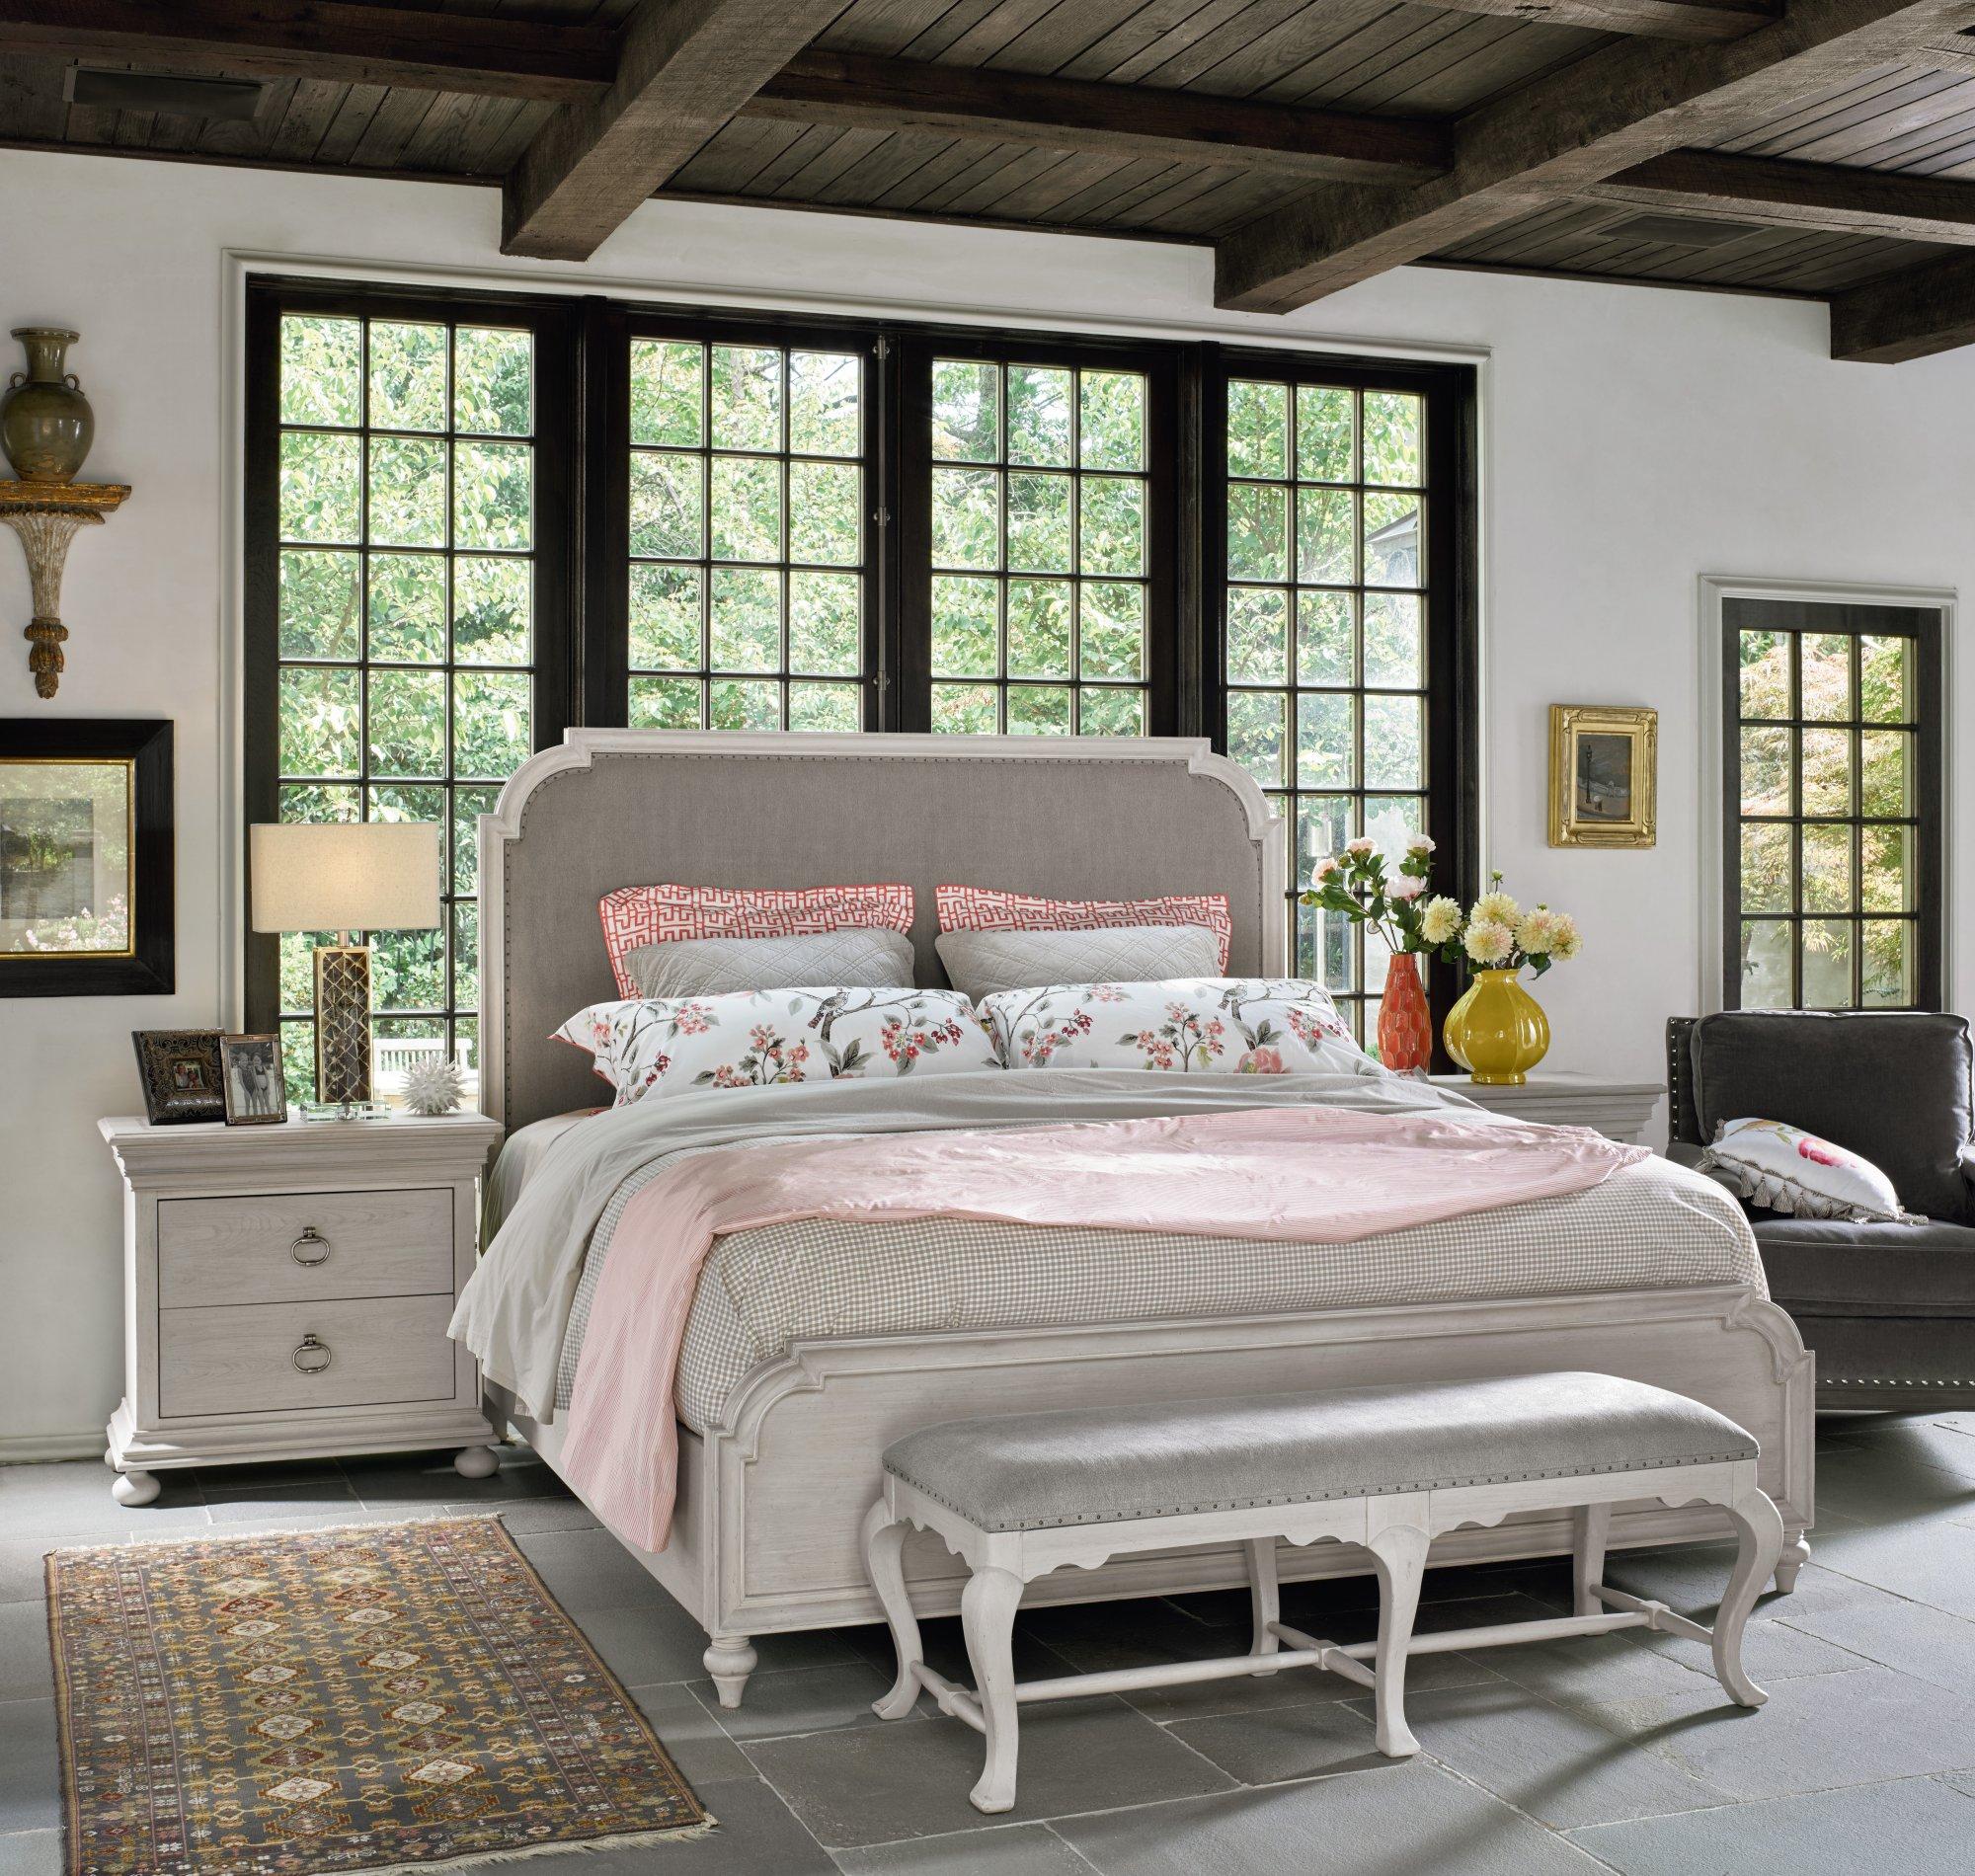 Elan Bedroom Image 2